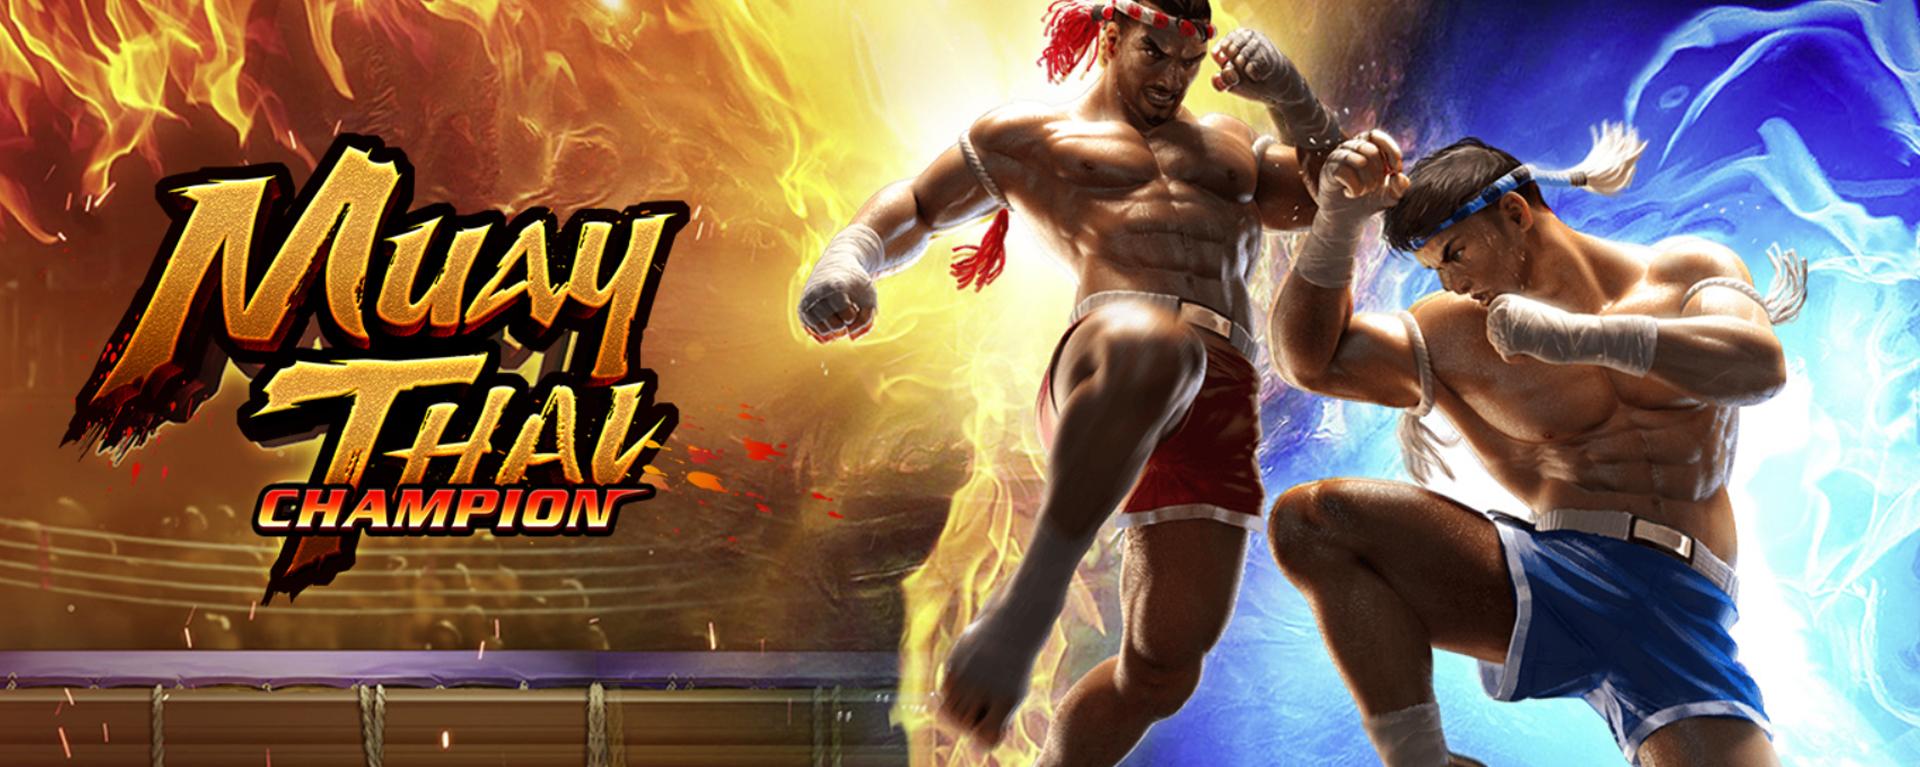 แชมป์มวยไทย เกมสล็อตออนไลน์แนวศิลปะการต่อสู้ของไทยสุดฮิต